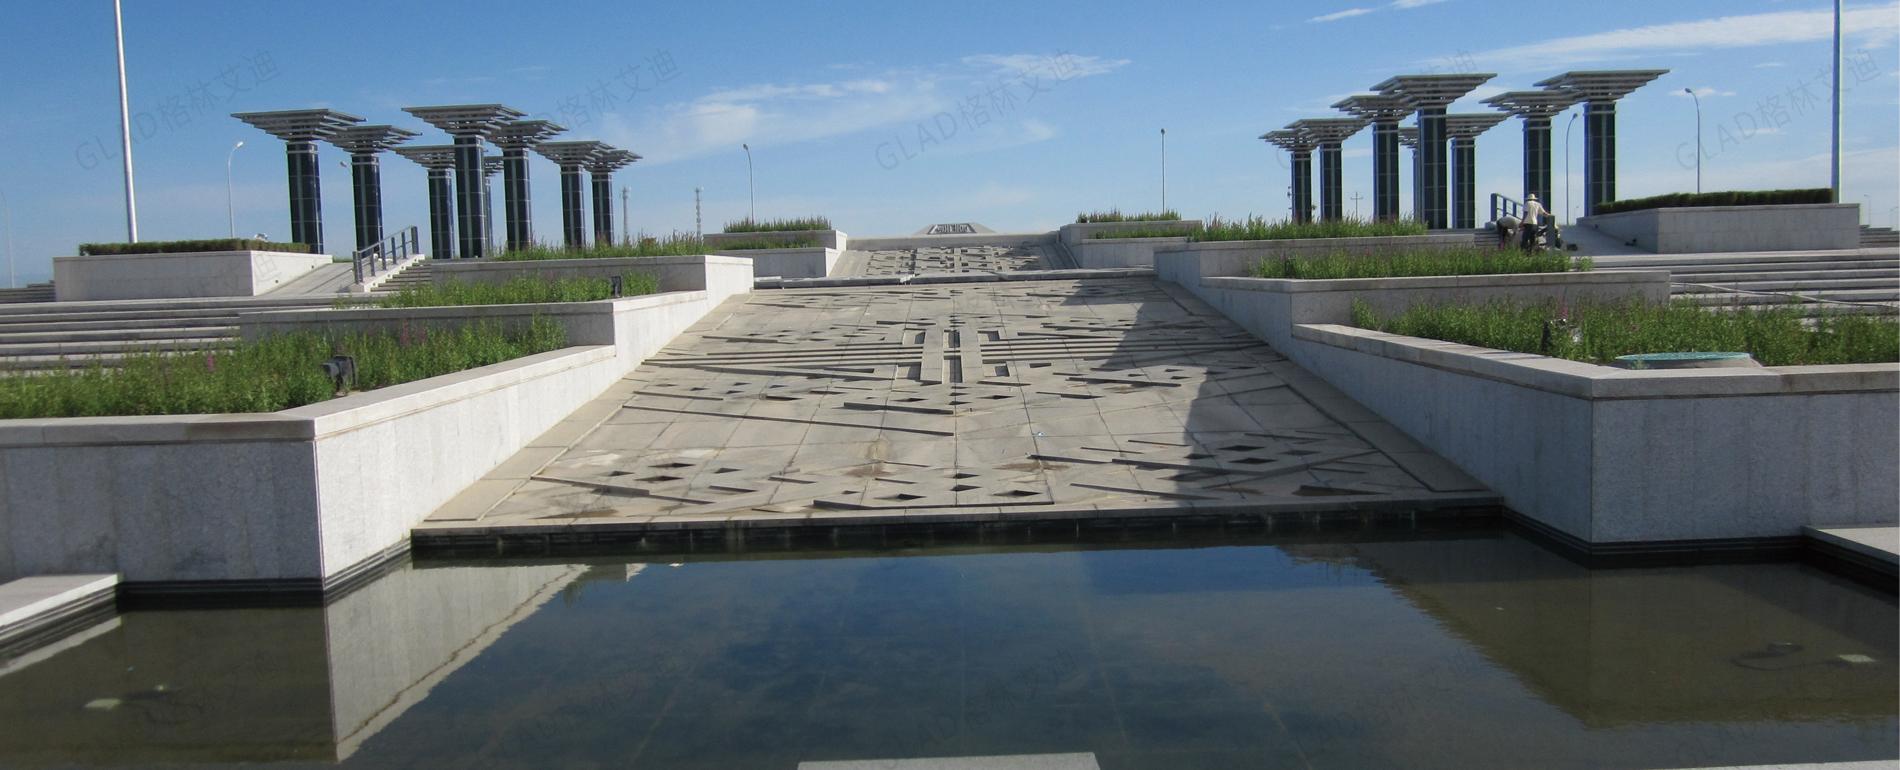 鄂托克前旗人民廣場景觀規劃設計